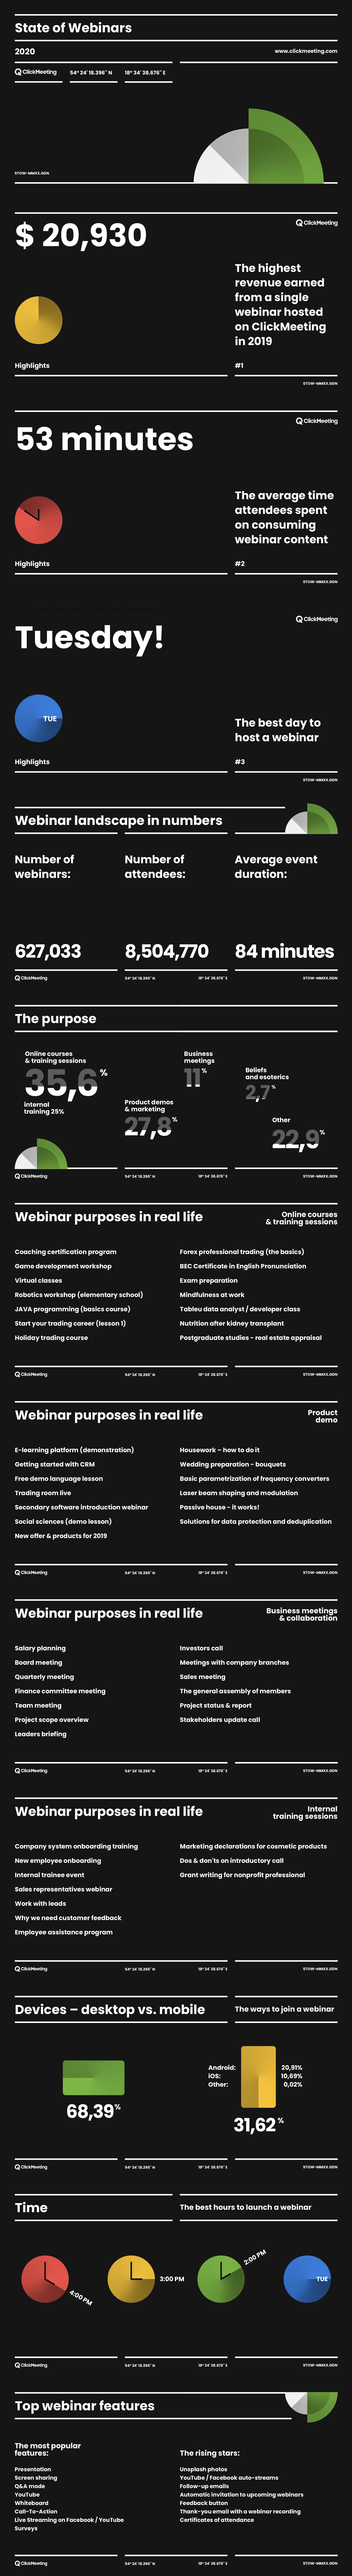 ClickMeeting Sate of Webinars 2020